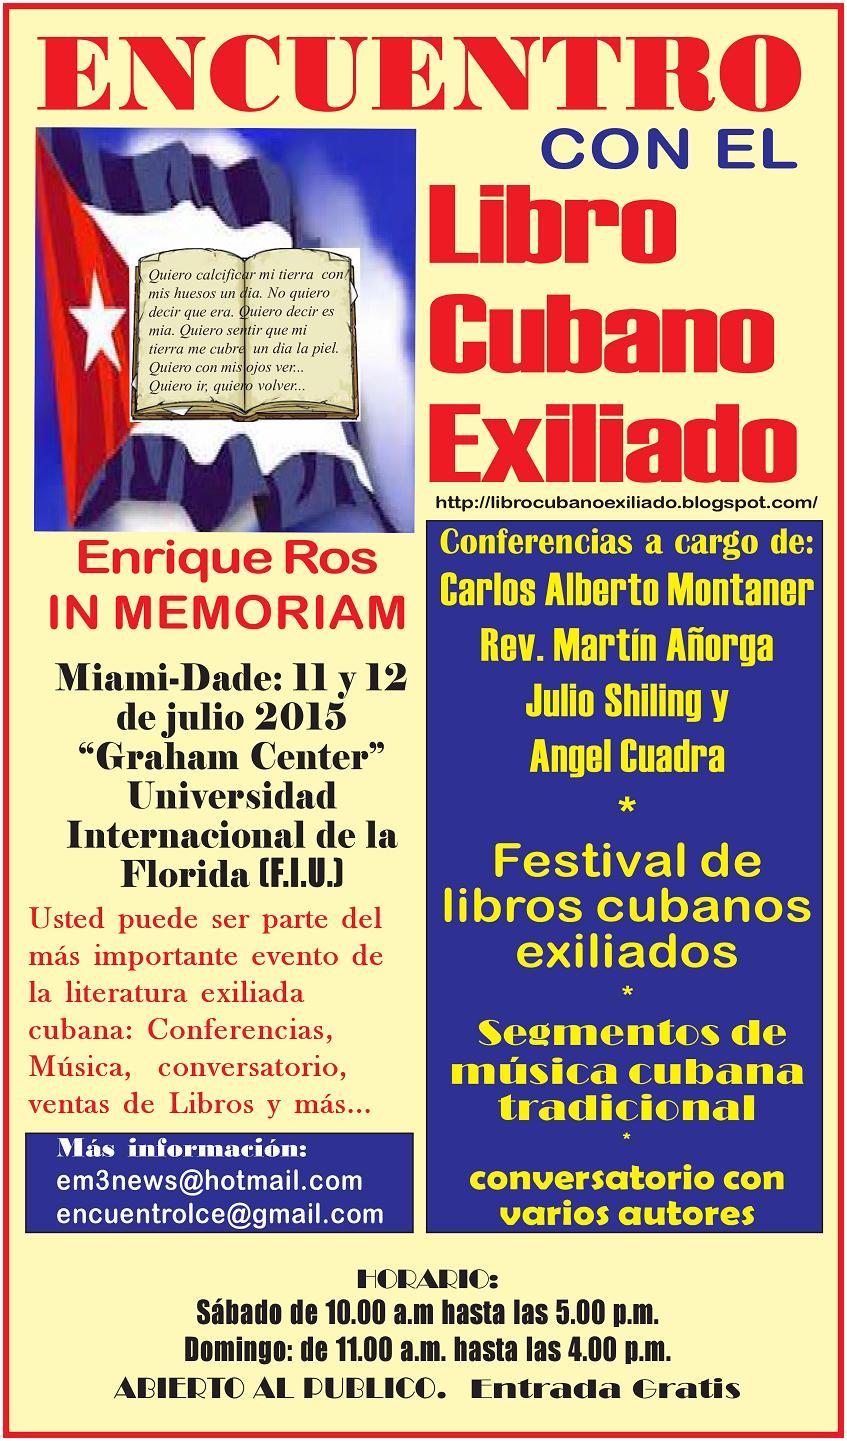 Encuentro con el Libro Cubano Exiliado ENRIQUE ROS IN MEMORIAM